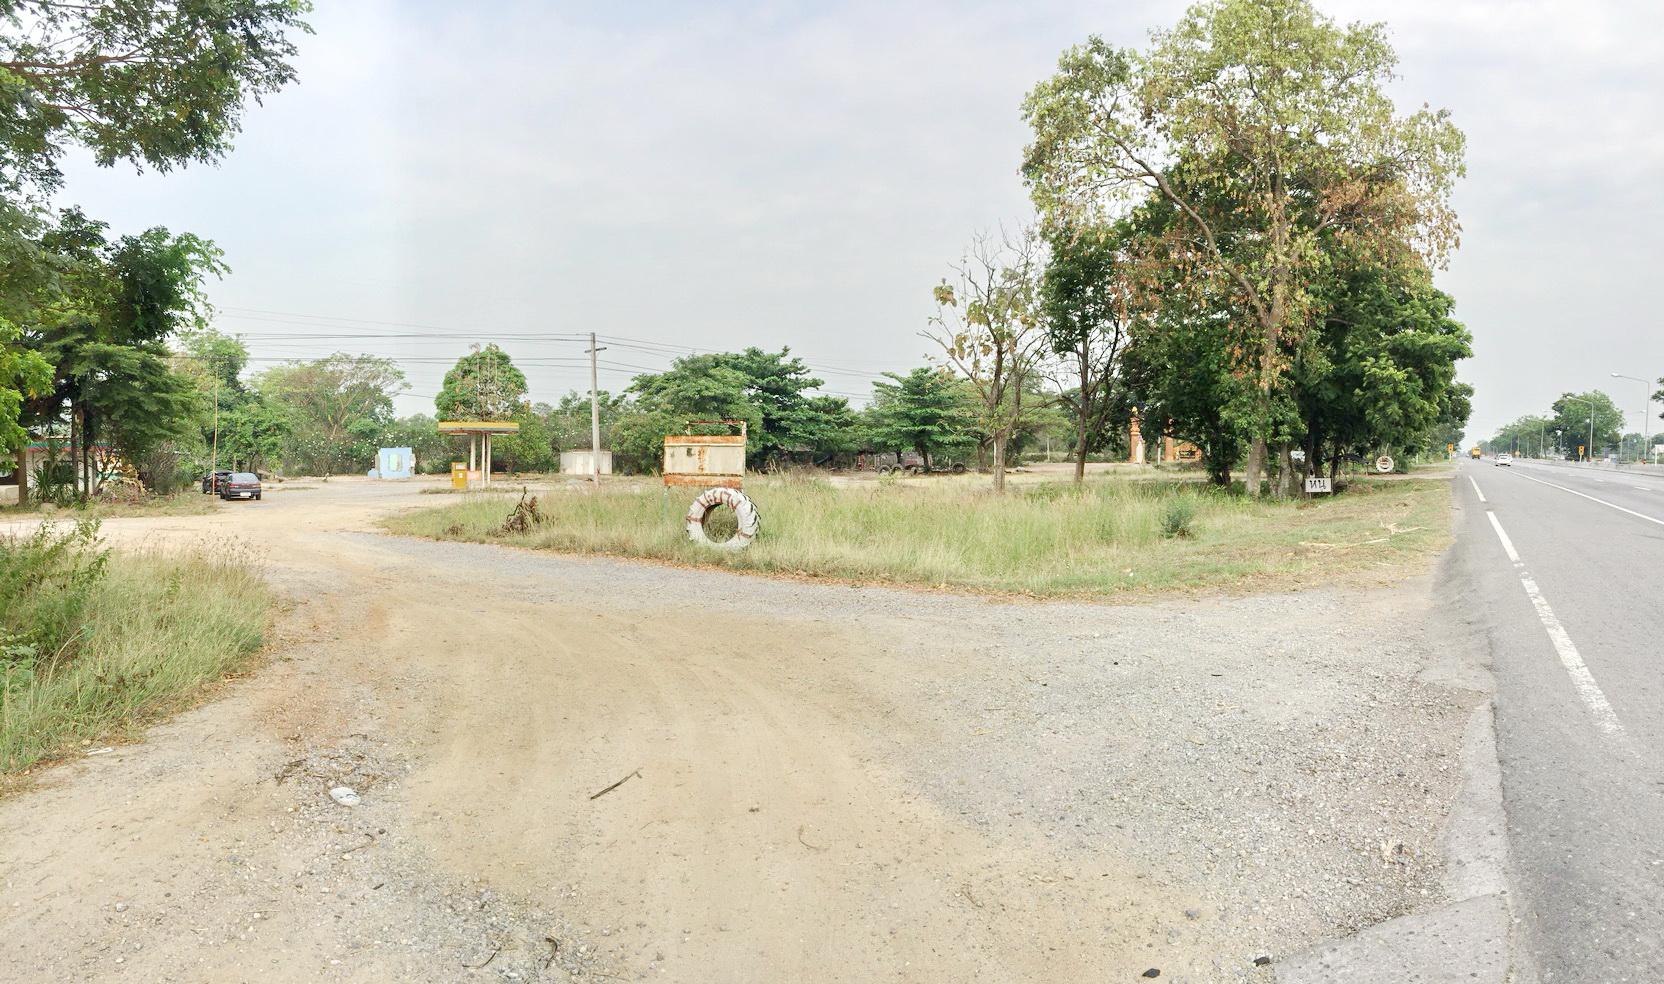 ขายที่ดินชัยนาท : ขายที่ดิน จังหวัดชัยนาท อ.มโนรมย์ ติดถนนทางหลวงสายเอเซีย หมายเลข32 เนื้อที่ 9 ไร่ 45 ตรว.